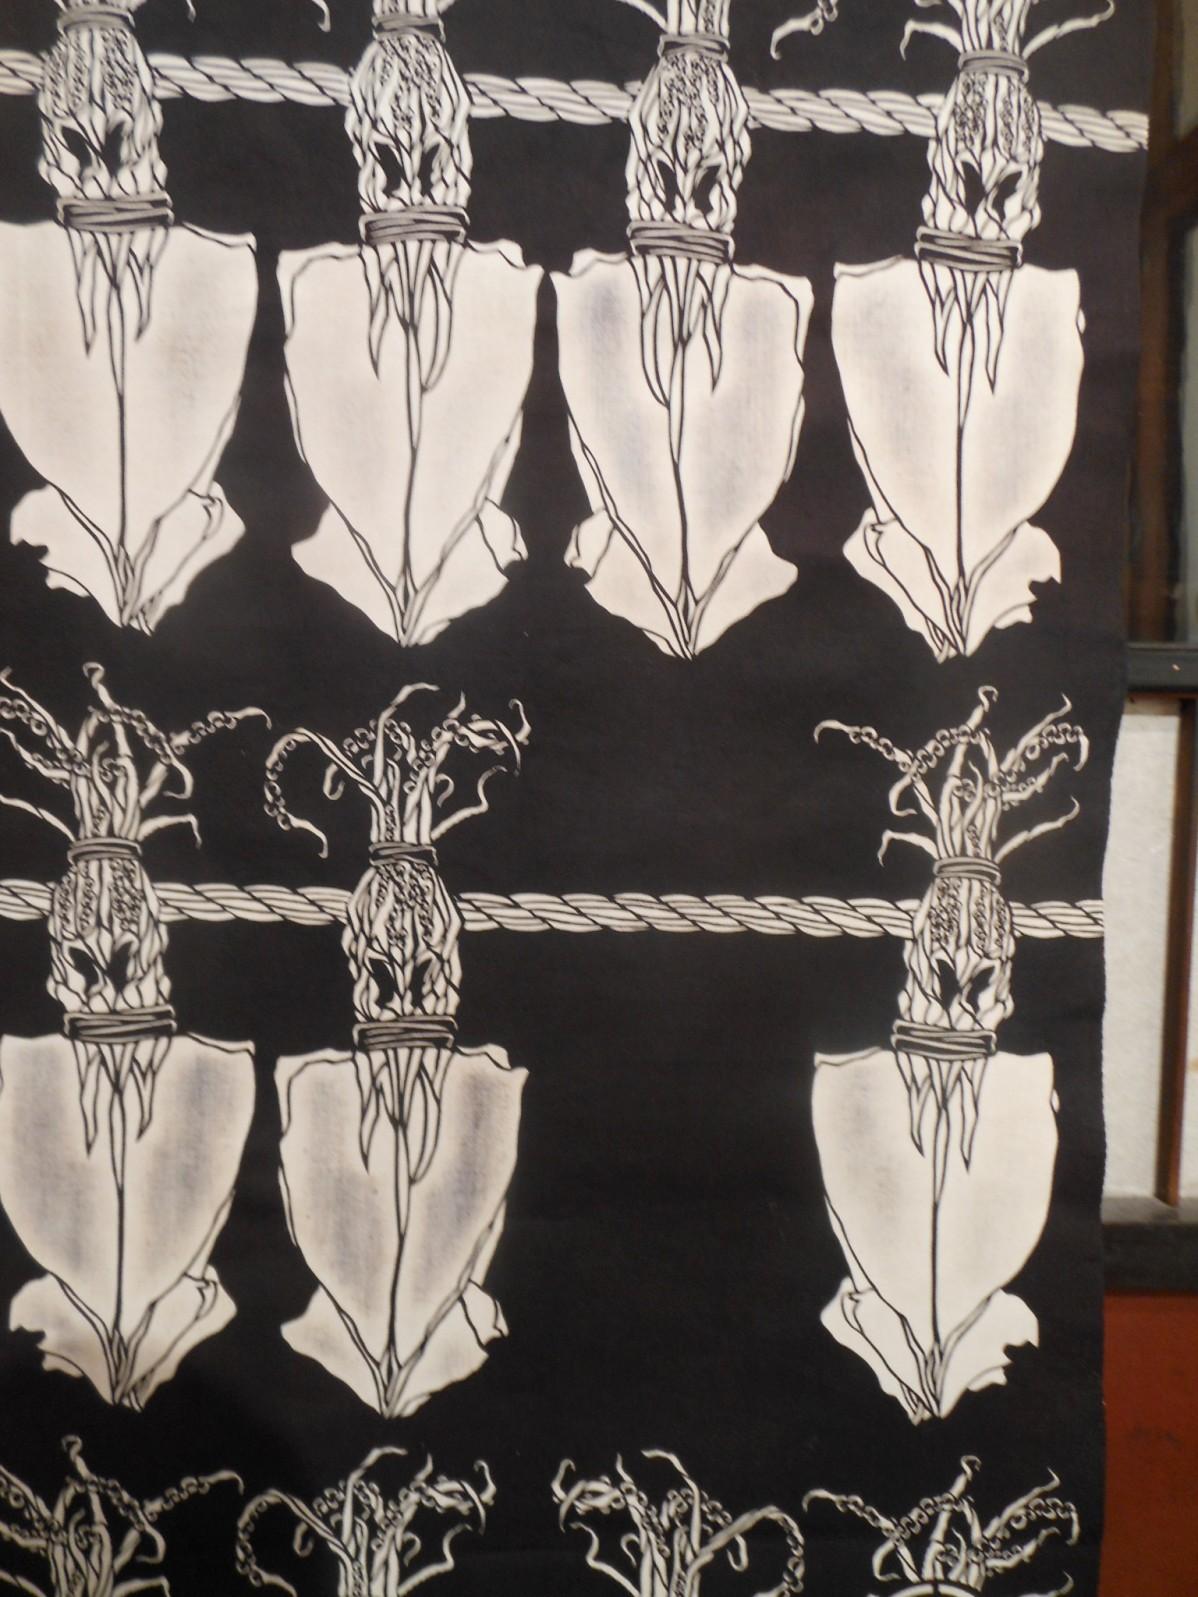 1855) 「工藤ユウ 型染作品展 『干物展』」 g.犬養 終了10月24日(水)~10月29日(月)  _f0126829_22241895.jpg